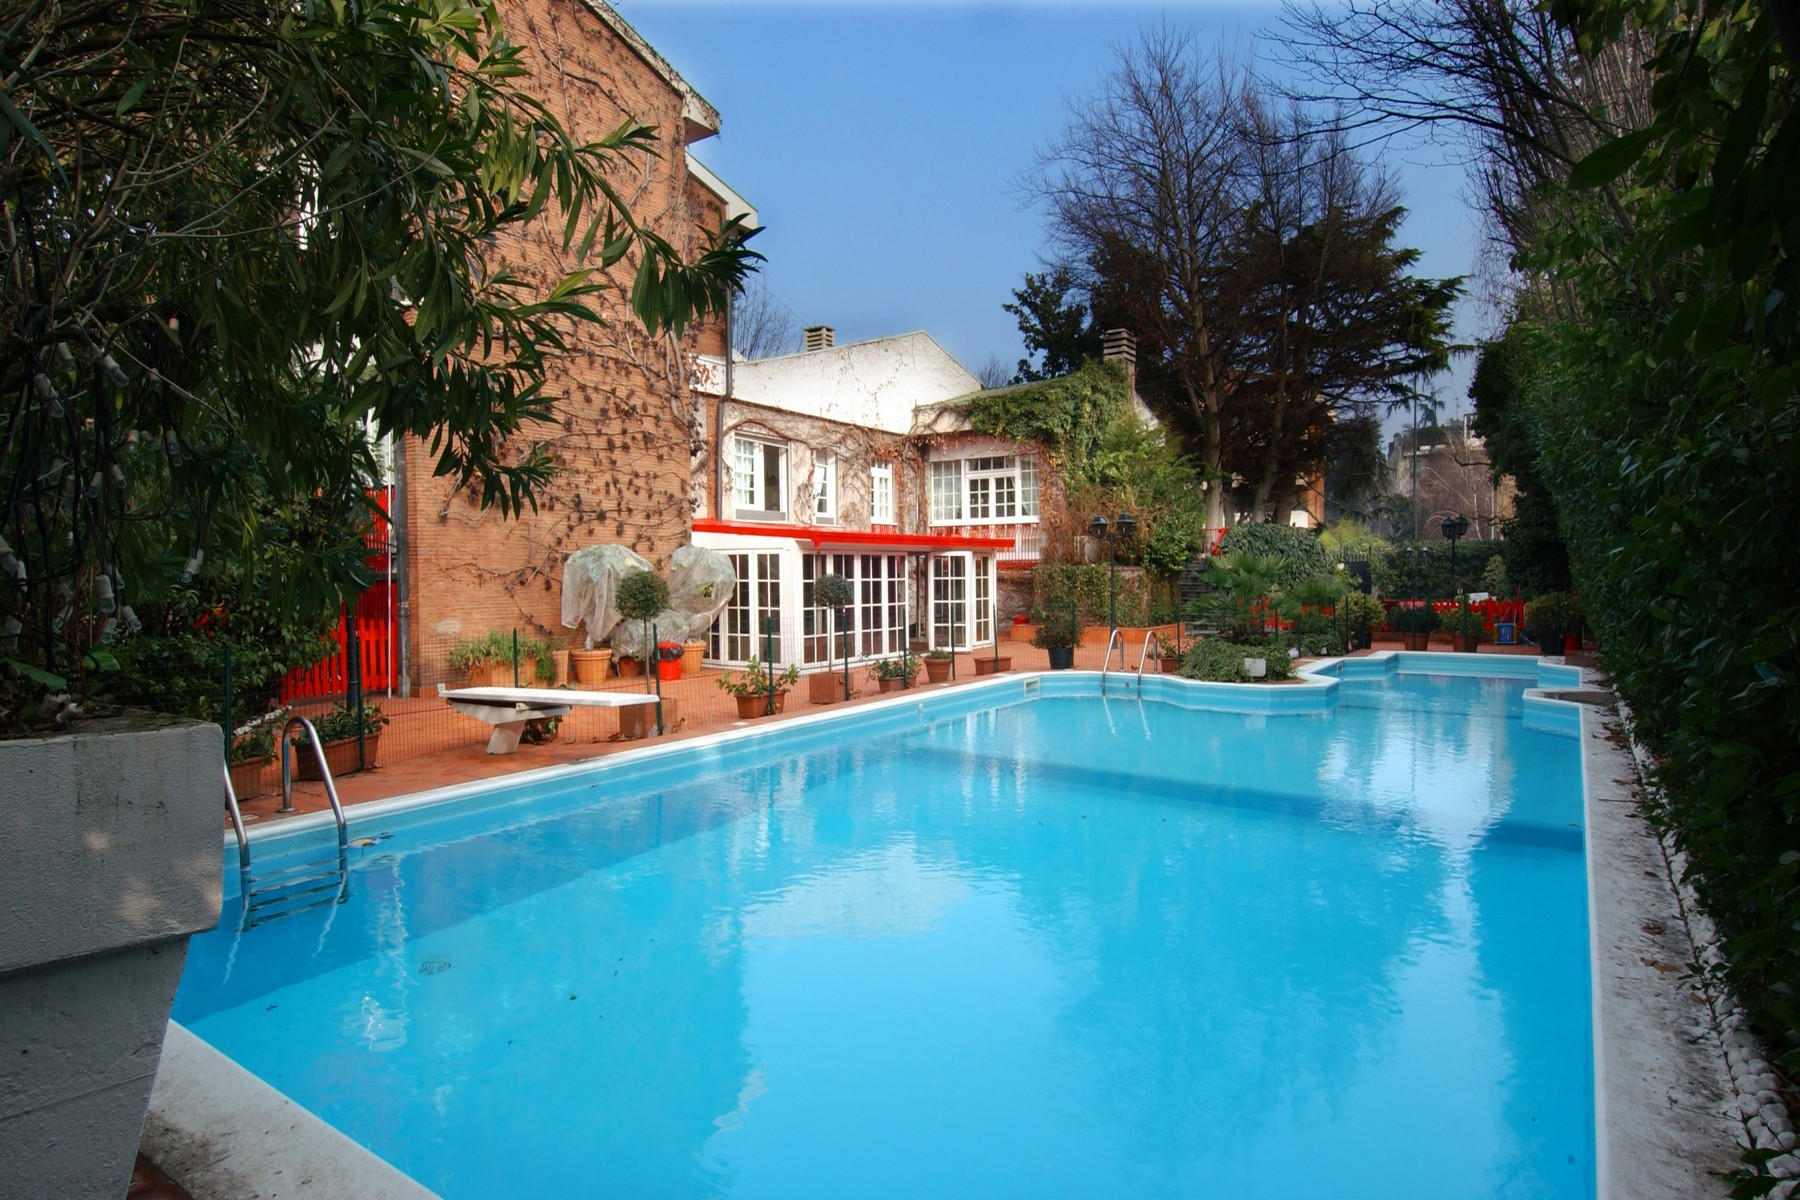 Villa in Vendita a Milano 18 Ippodromo / San Siro / Zavattari: 5 locali, 700 mq